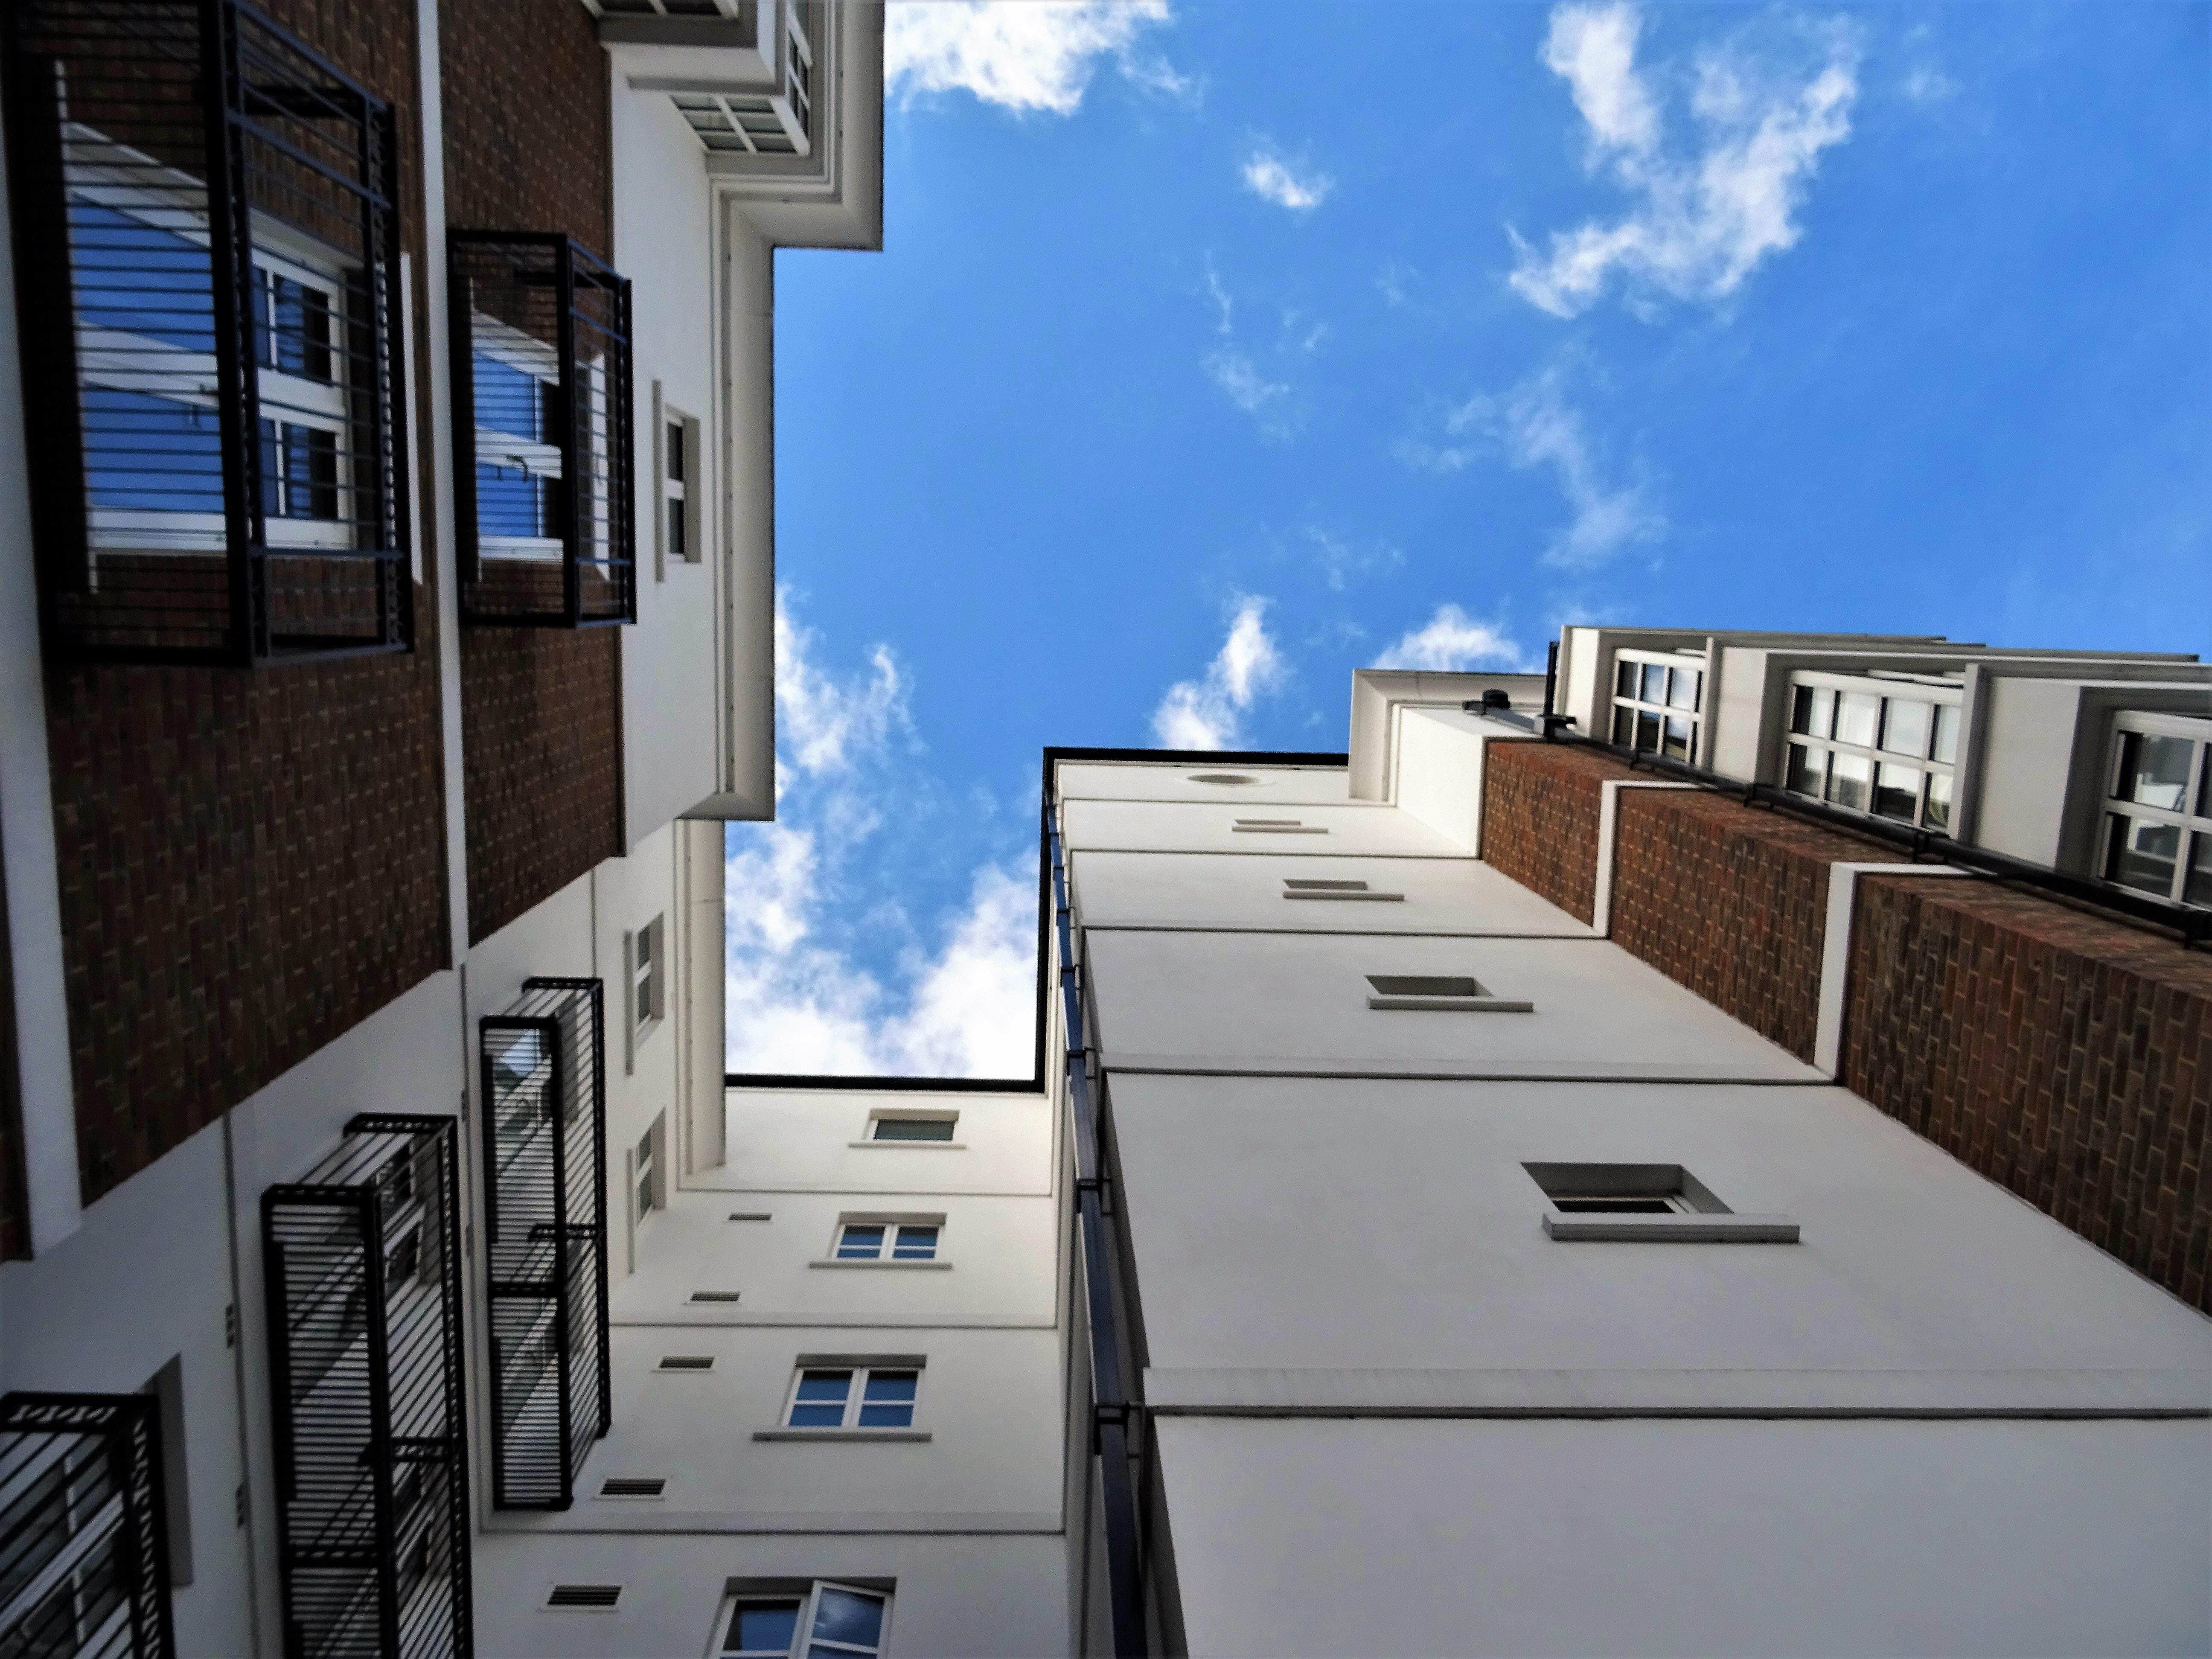 Beau Appartement Architecture Balcons Bâtiment Ville Des Nuages Contemporain  Lumière Du Jour Jour Conception Design Du0027